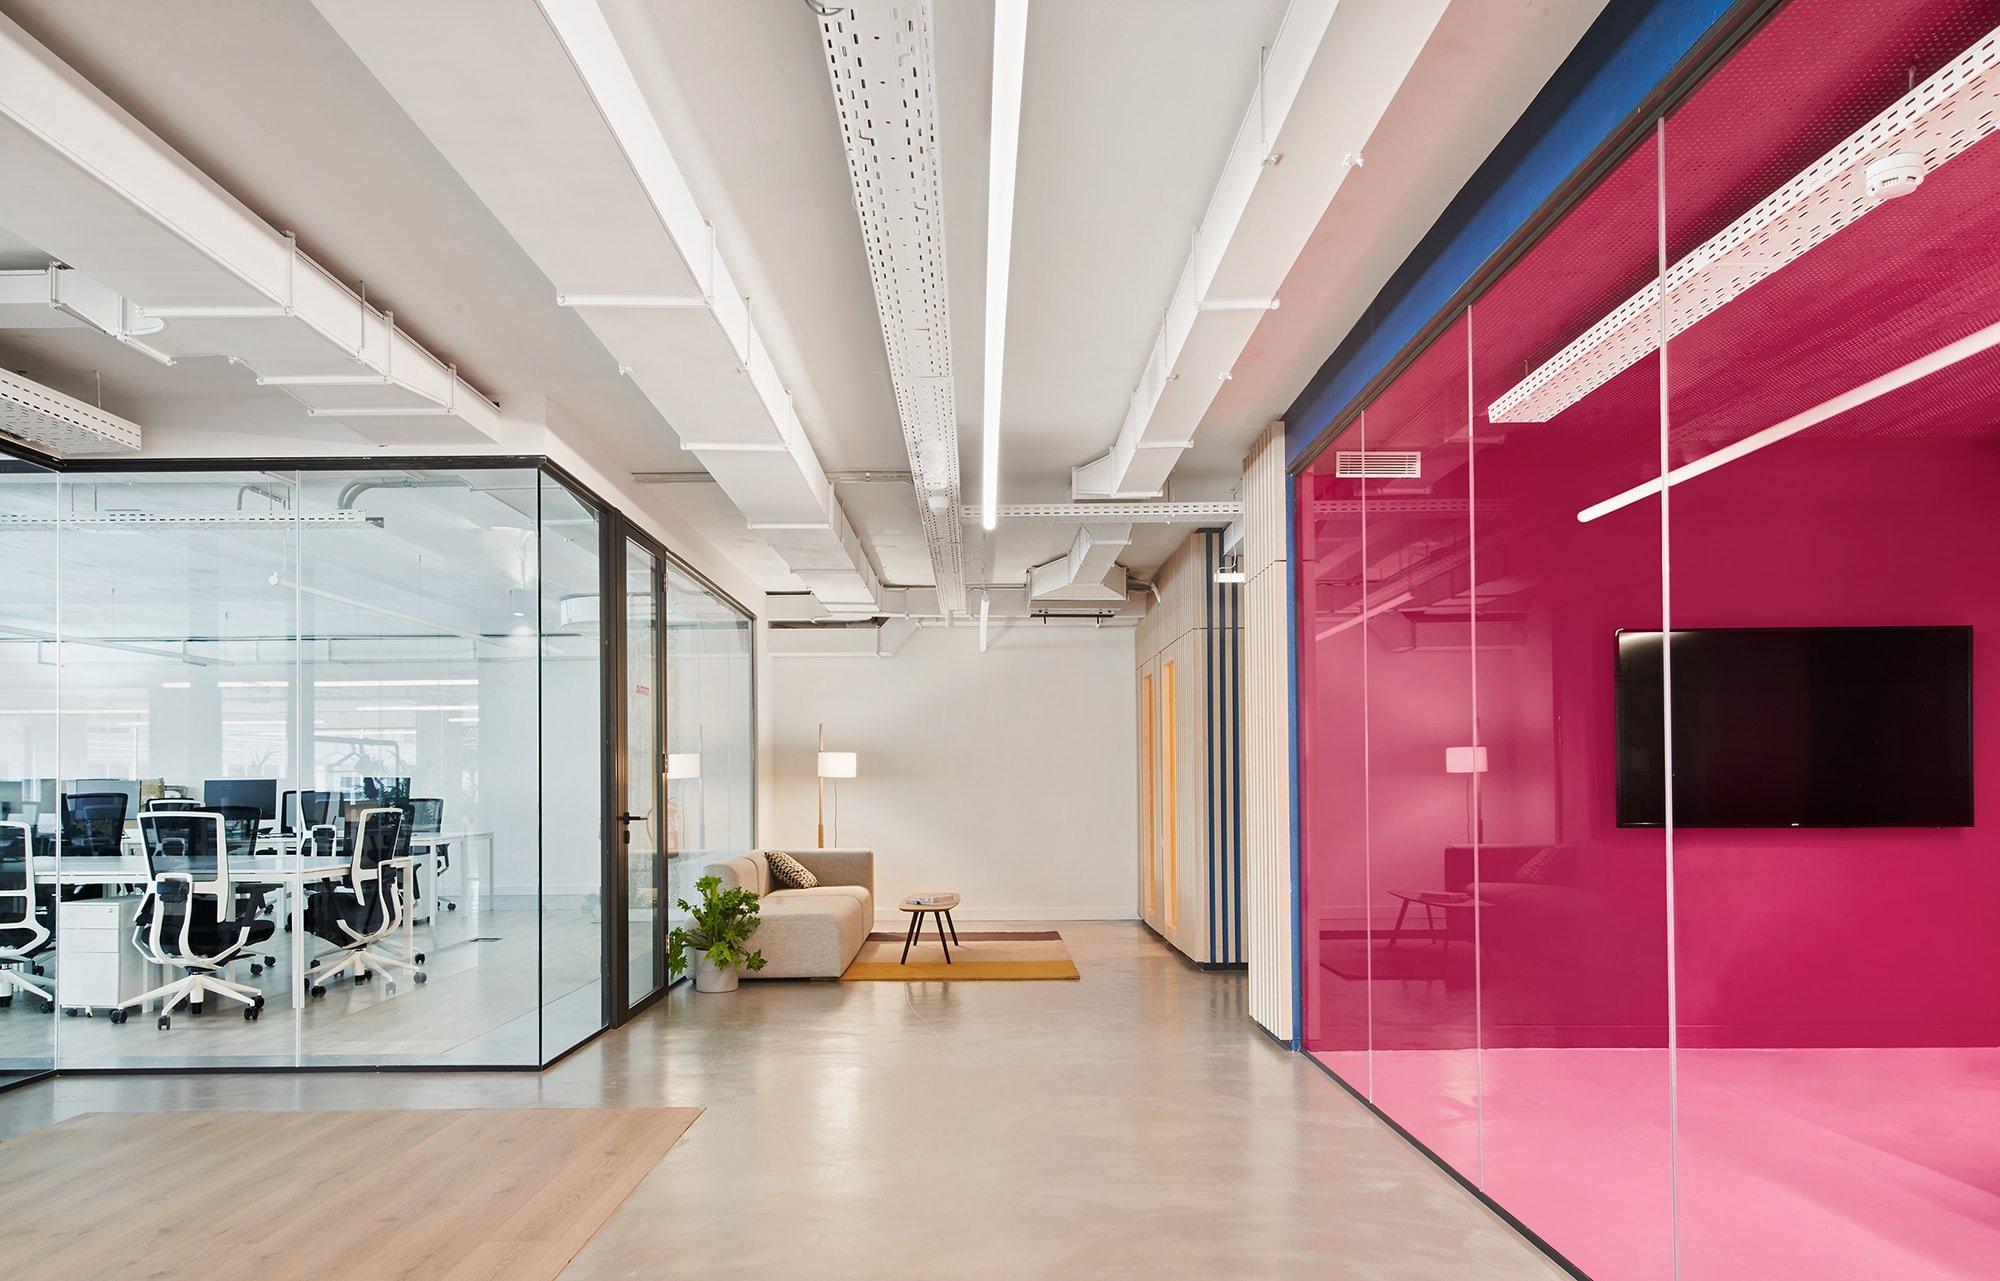 El uso de colores vibrantes es una manera de identificar y diferenciar los espacios funcionales, como meeting room o phone booth, contrastando con el blanco y la madera predominantes en el proyecto.